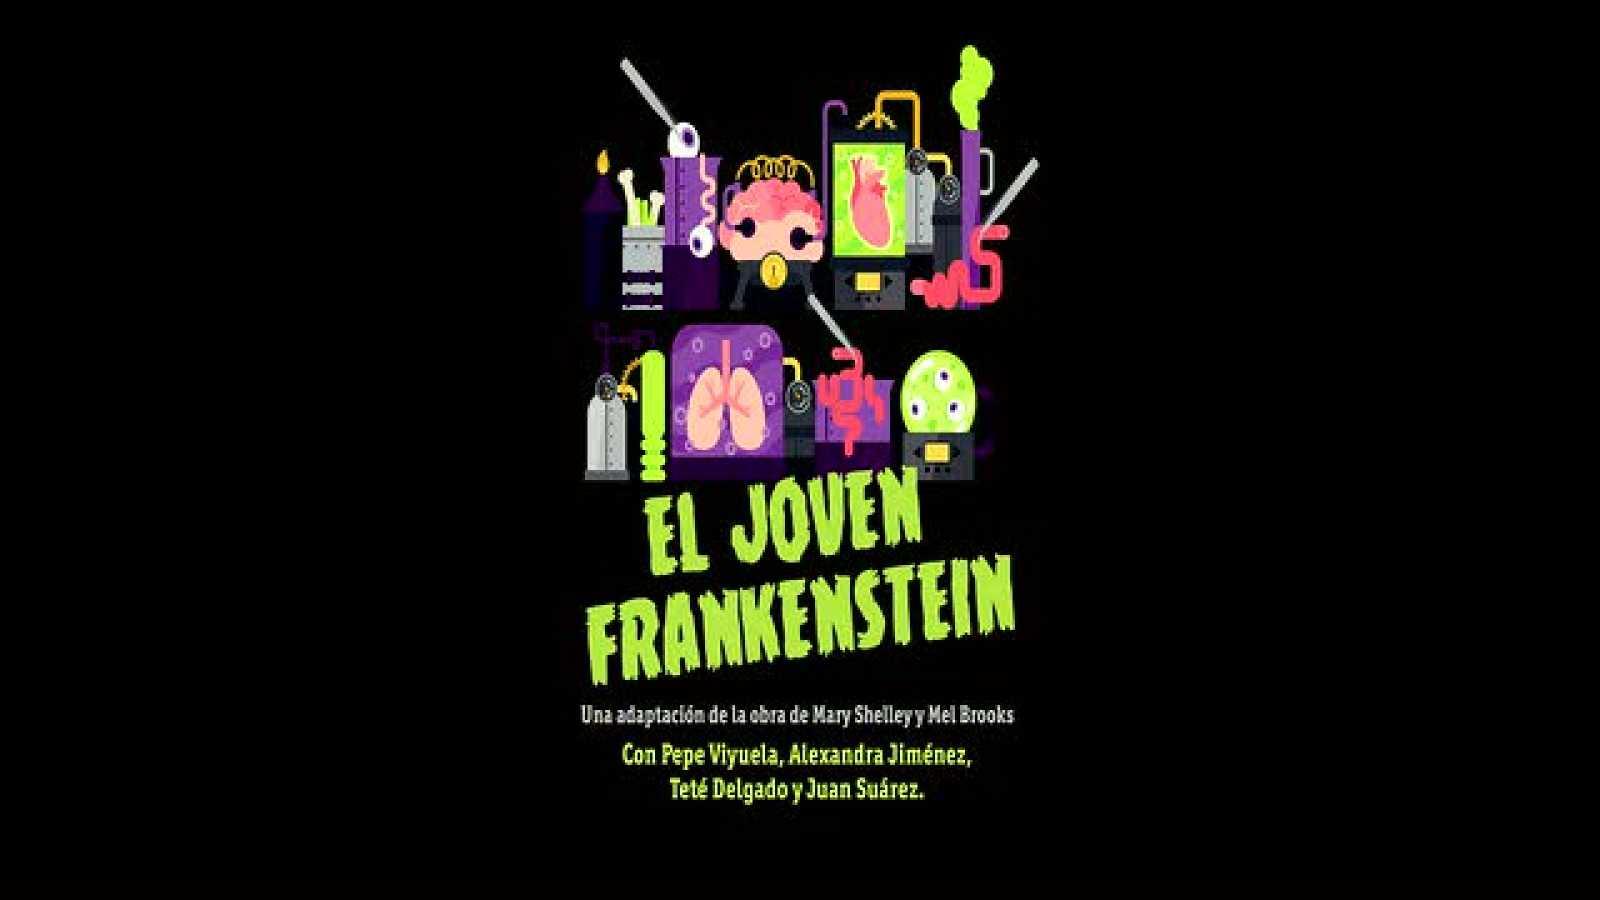 Alumnos del Instituto RTVE participan en la emisión de la Ficción sonora El joven Frankenstein